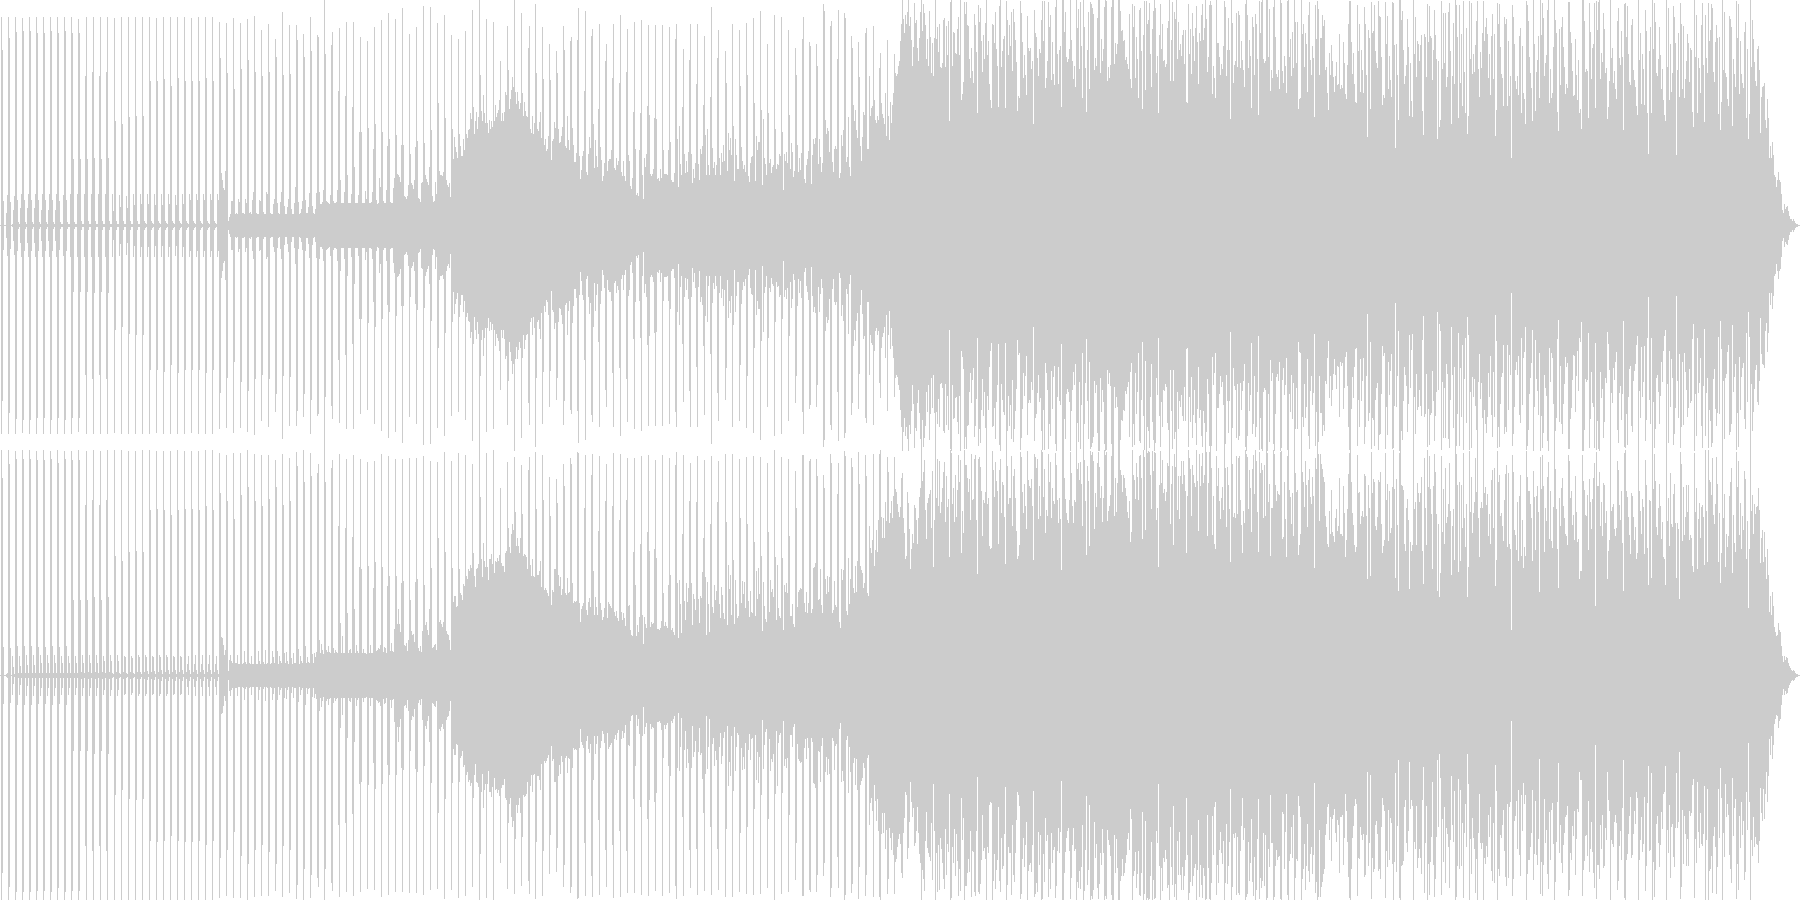 レトロなレースゲーム風~4分打ちエレク…の未再生の波形